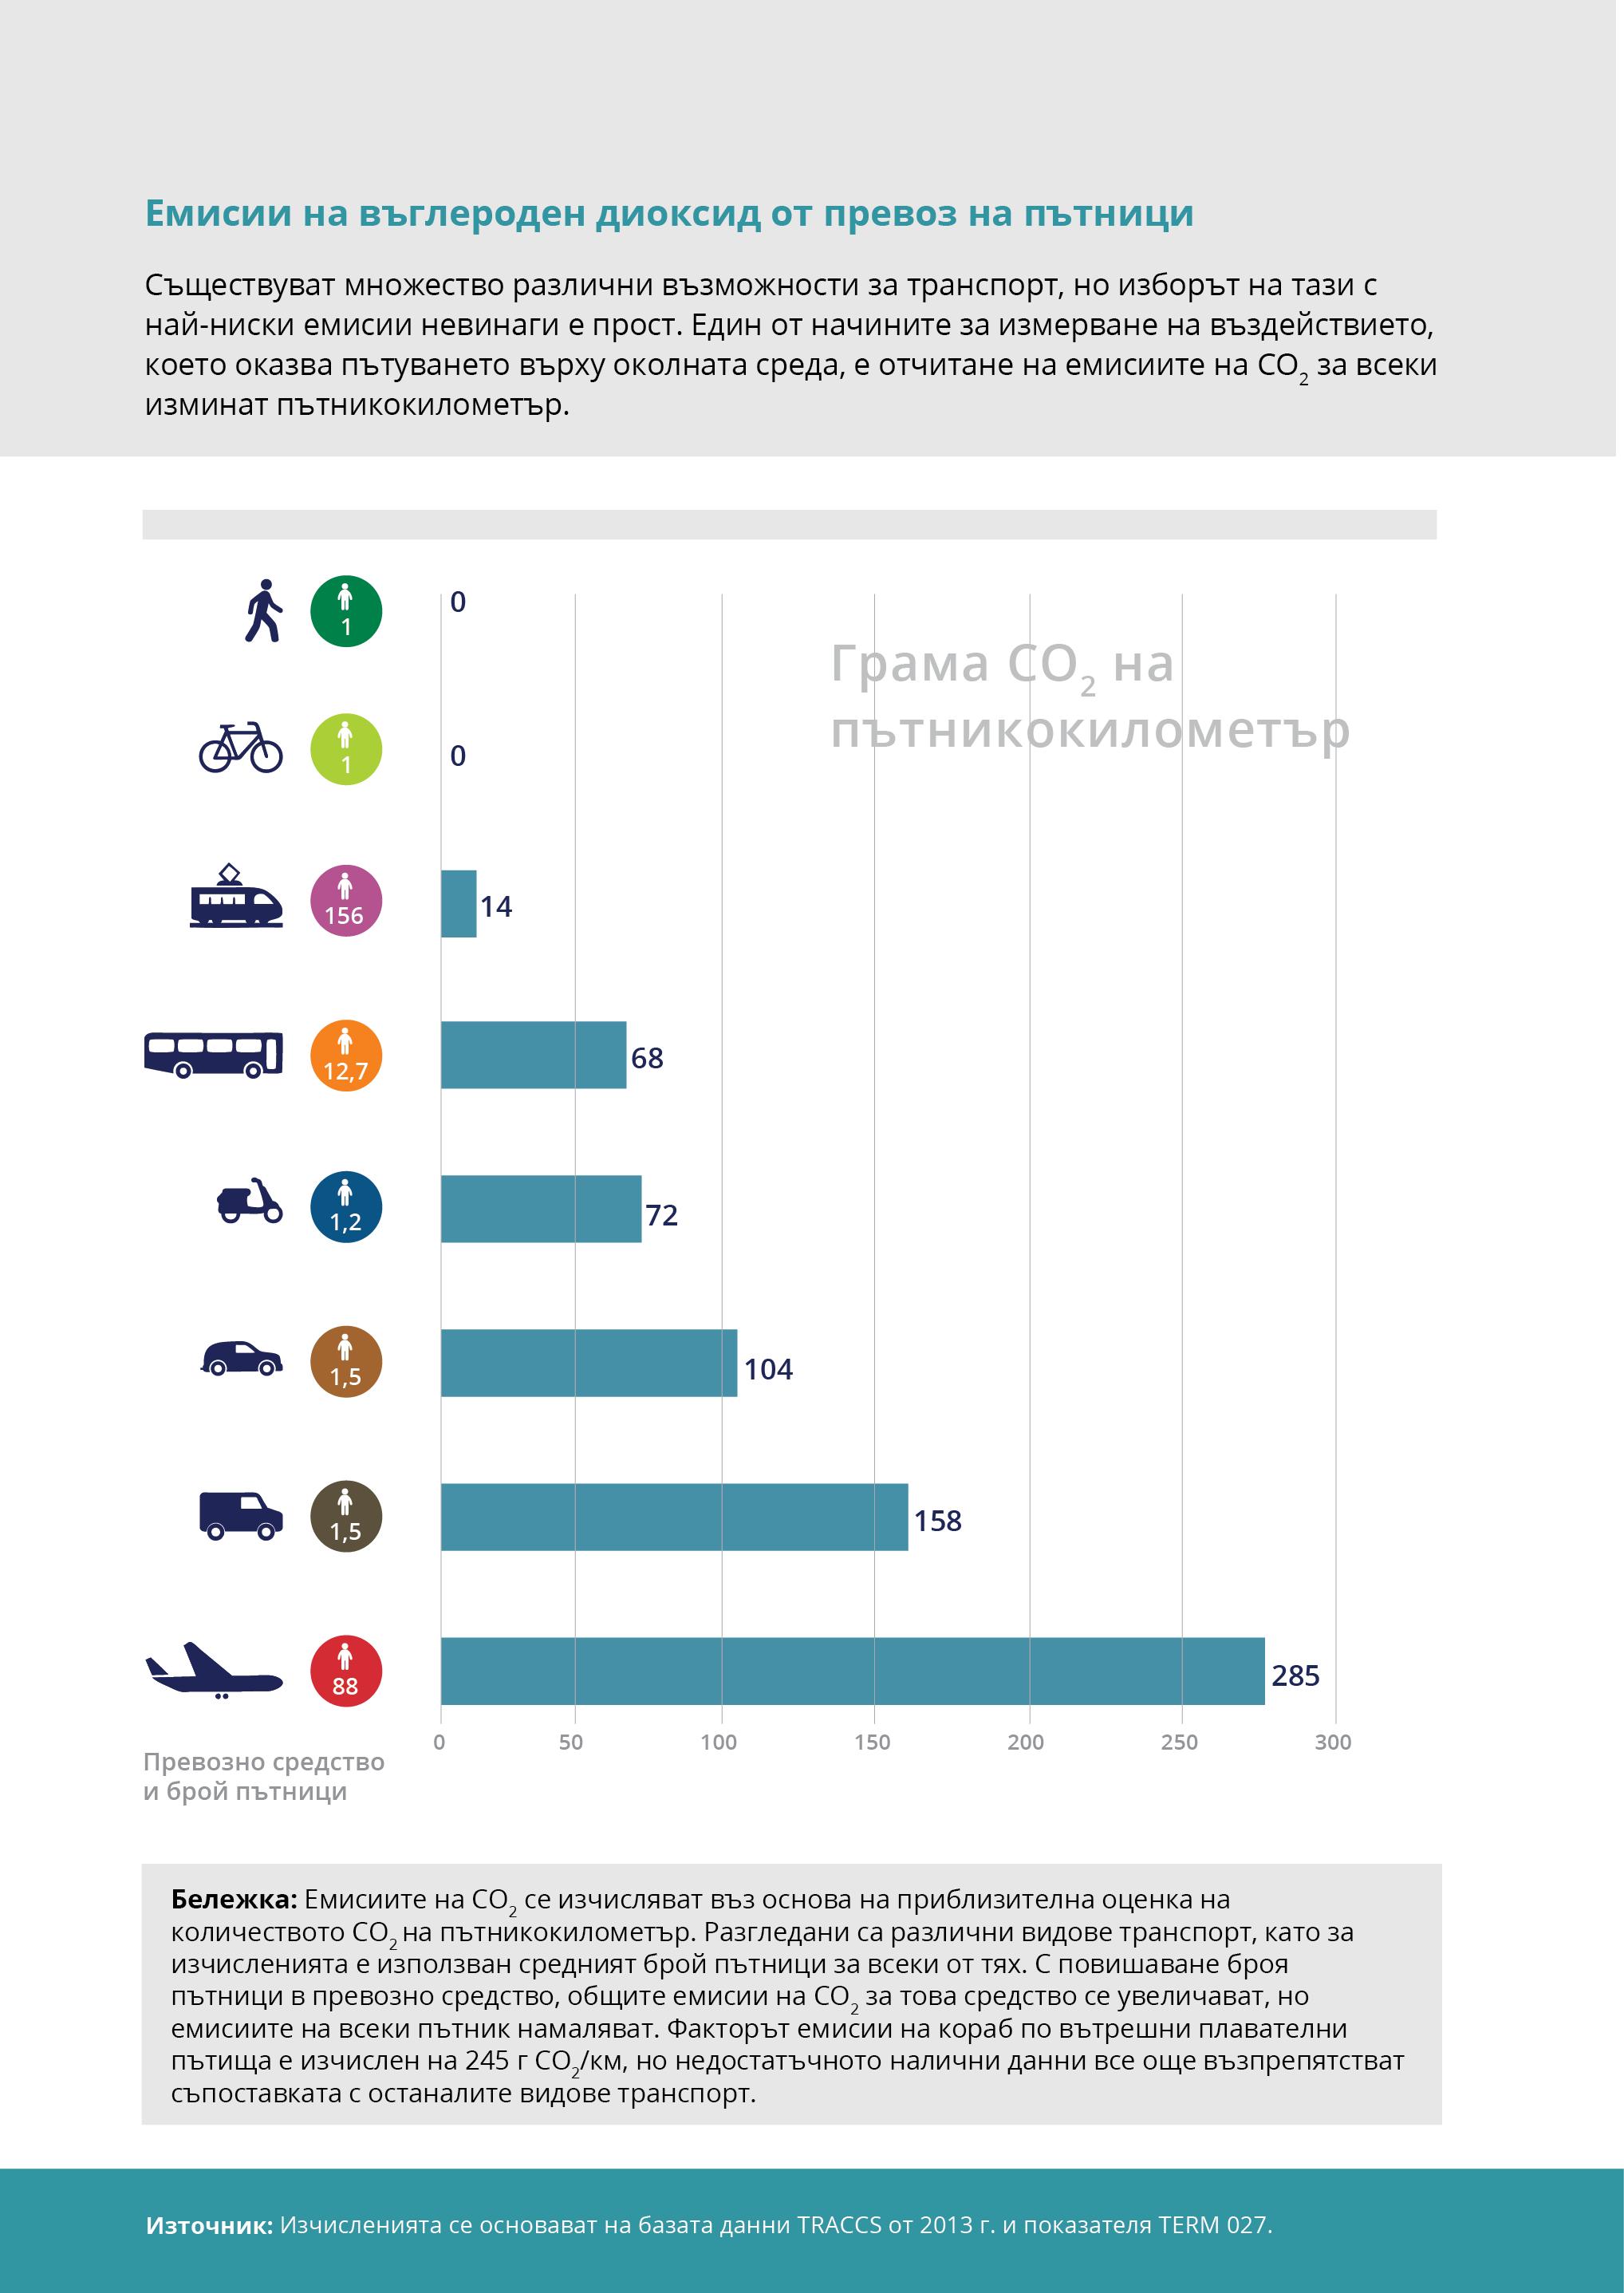 Емисии на въглероден диоксид от превоз на пътници